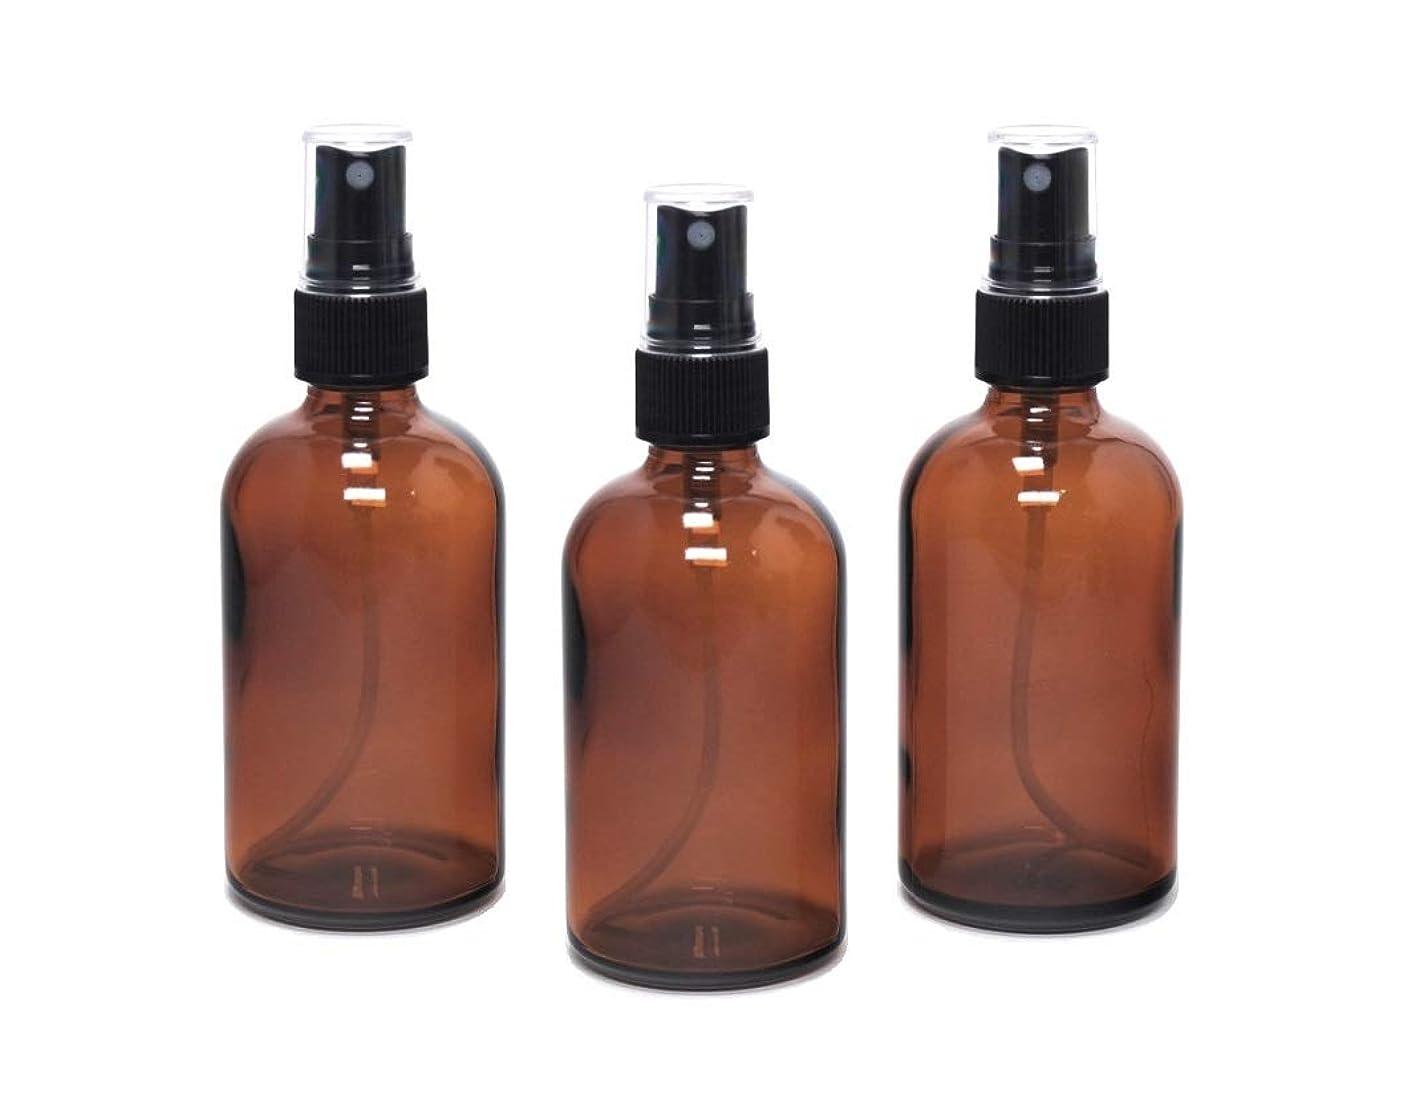 指定はがきメンタル遮光瓶 蓄圧式ミストのスプレーボトル 100ml アンバー(茶色) / ( 硝子製?アトマイザー )ブラックヘッド × 3本セット / アロマスプレー用